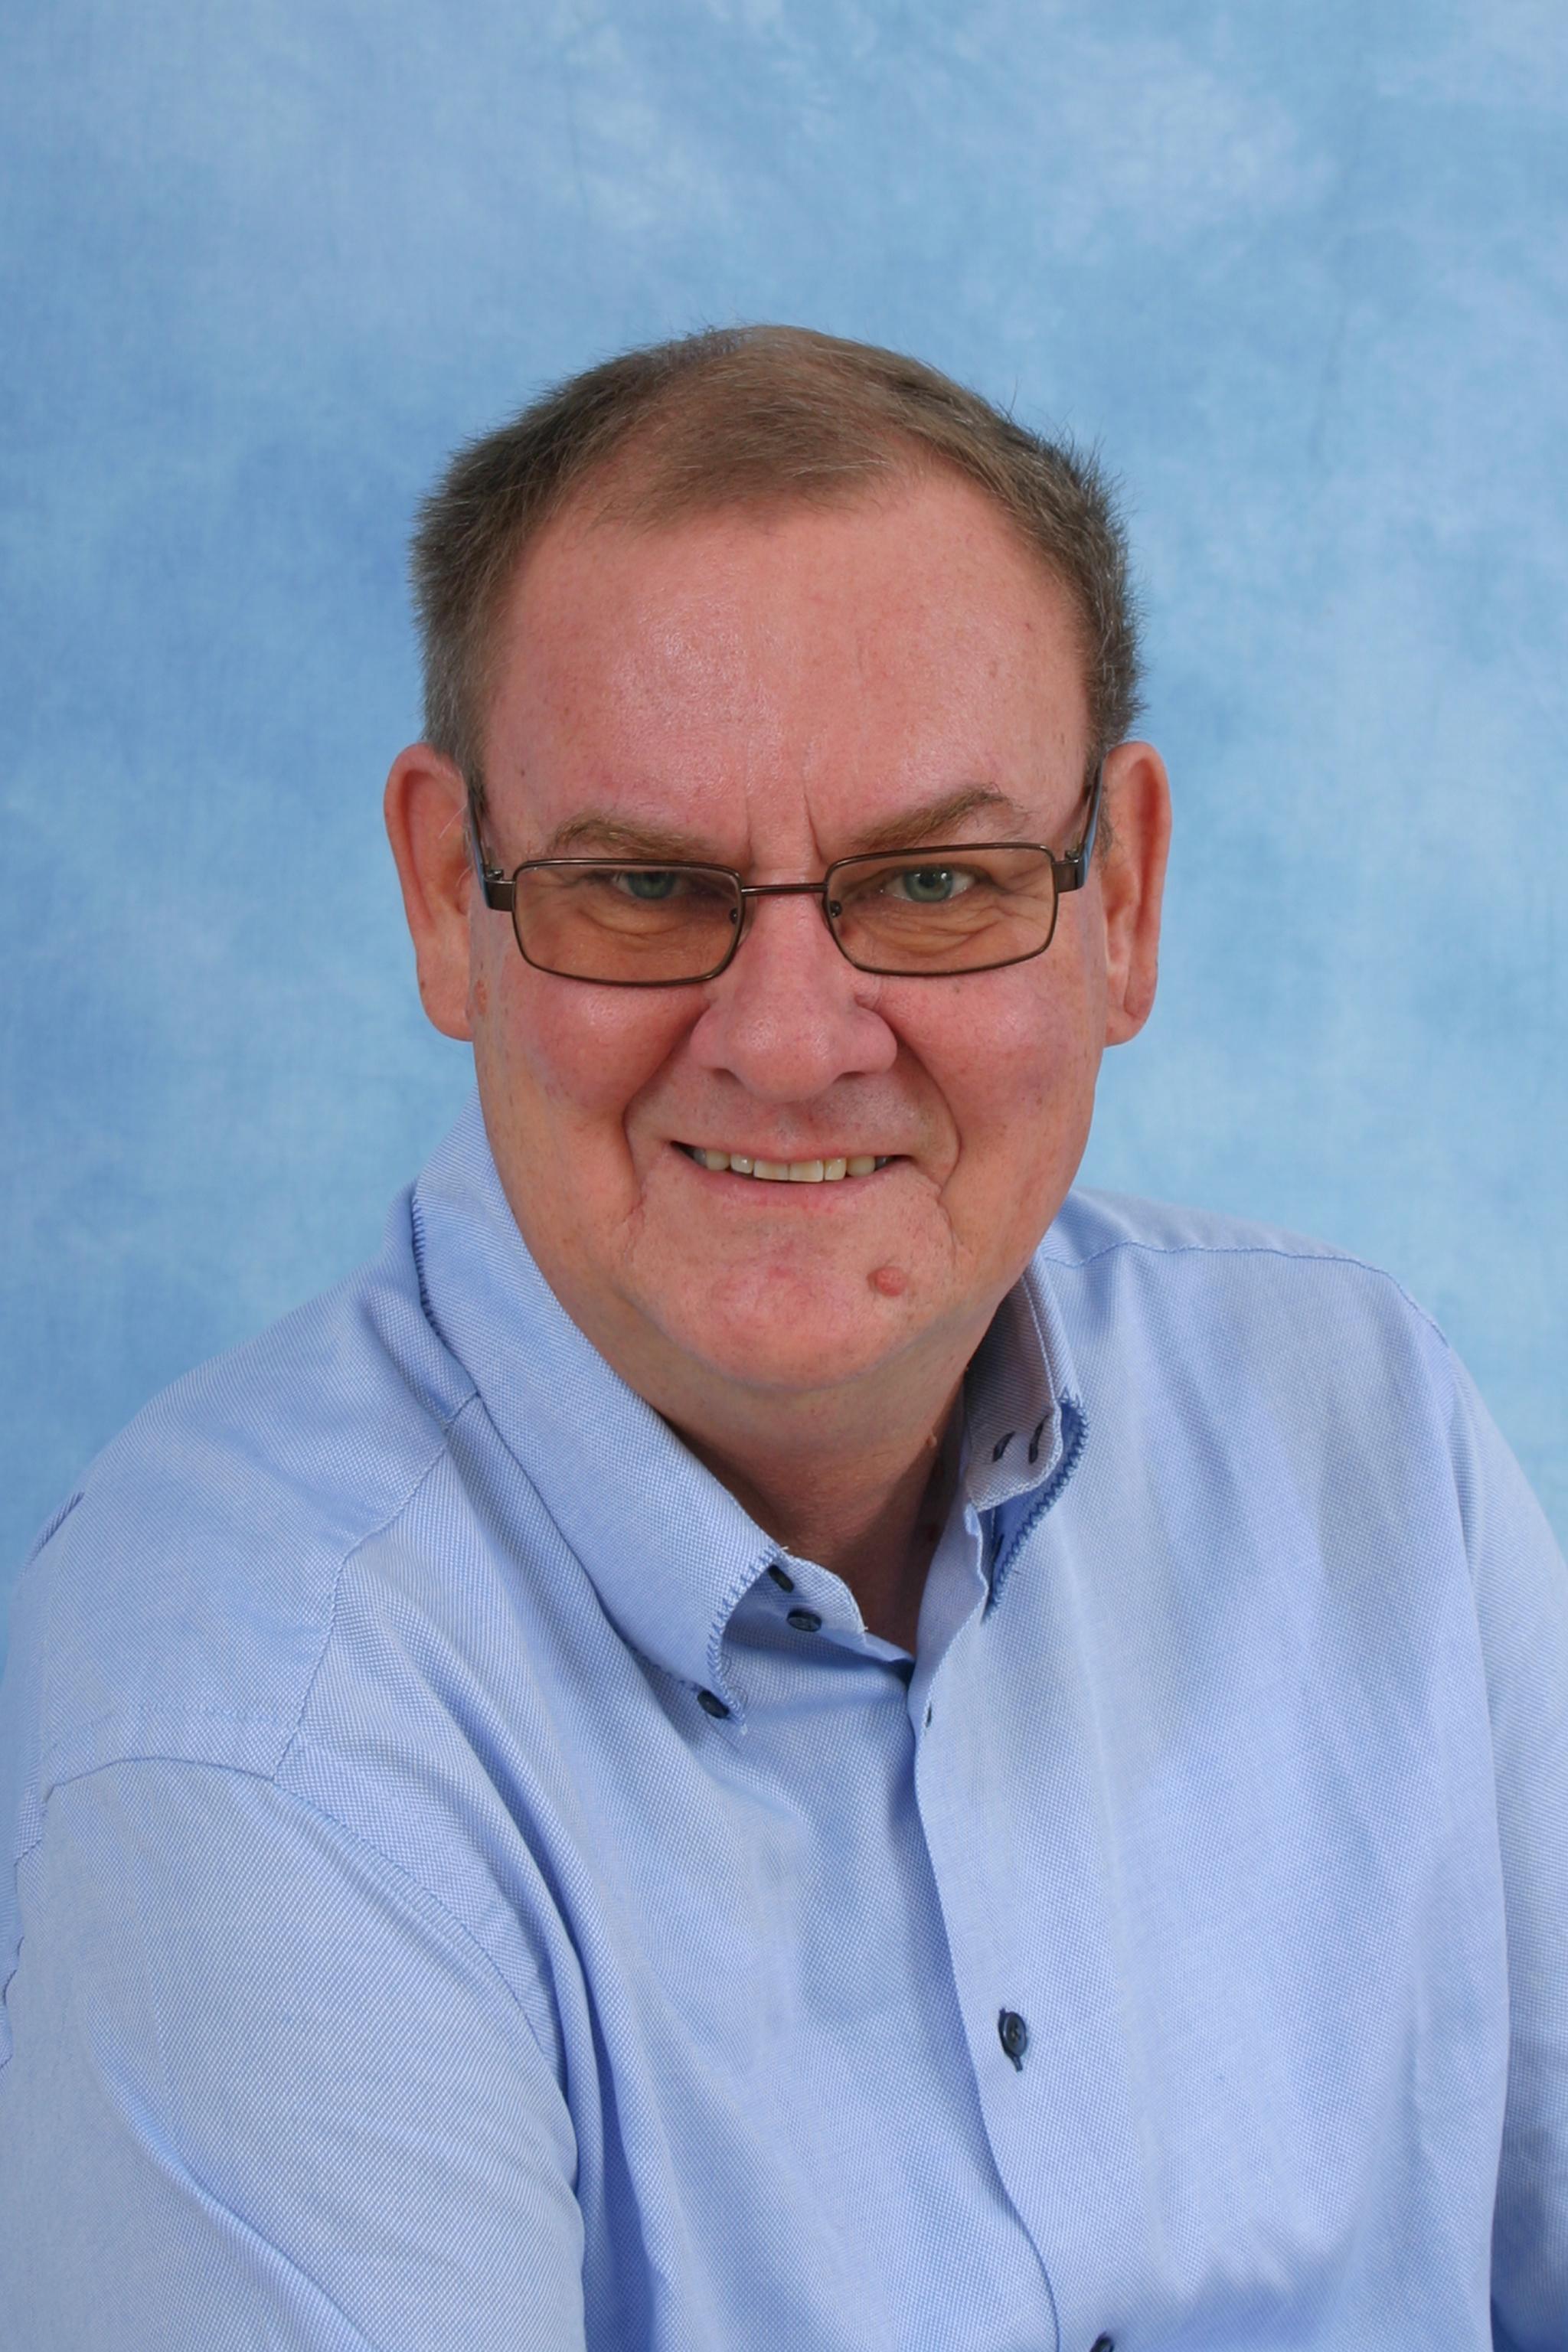 Werner Moche